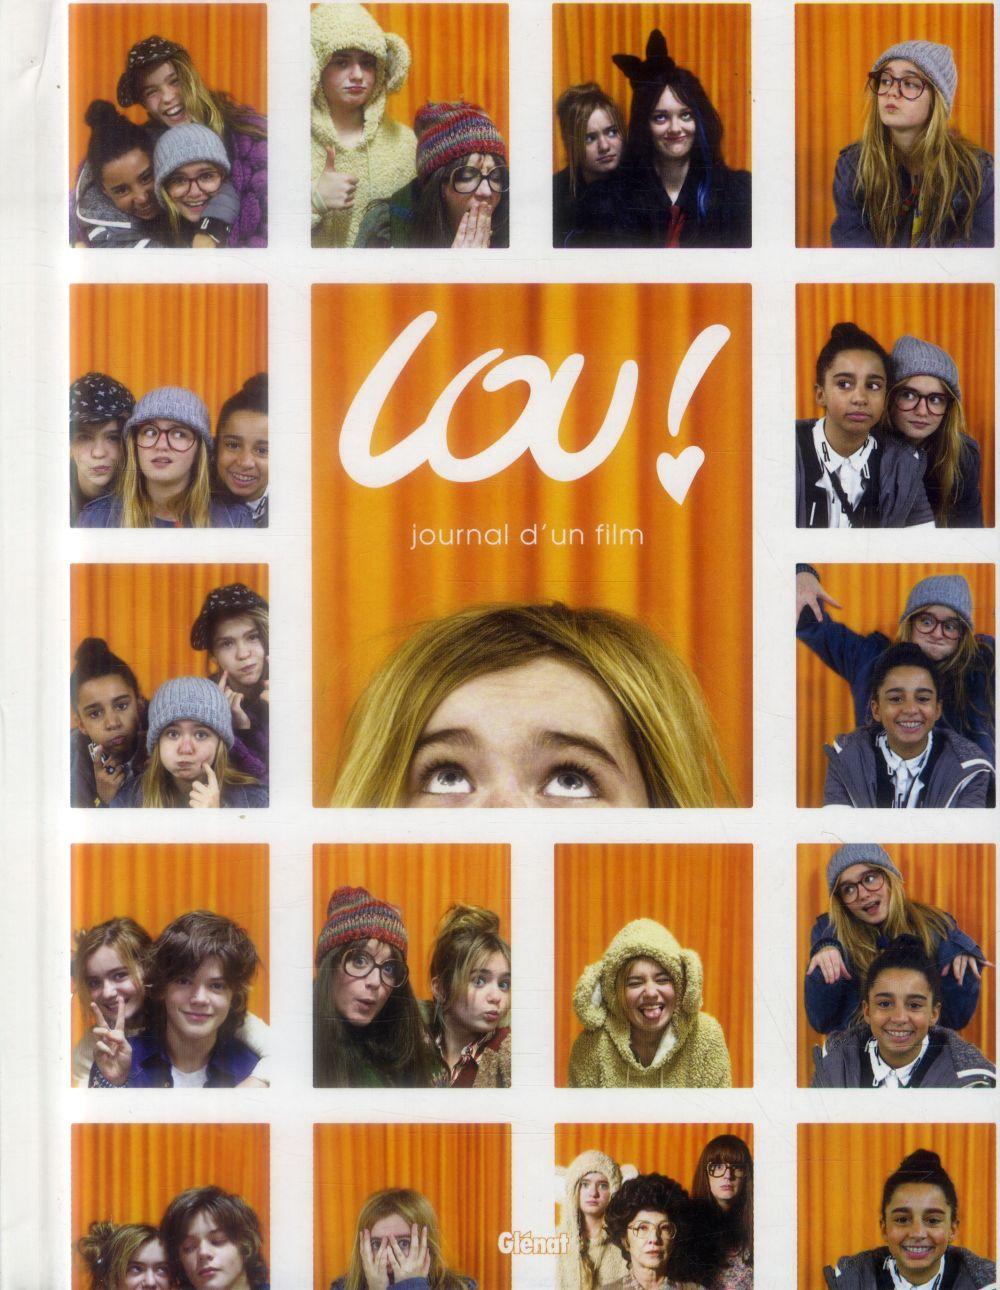 Lou ! ; journal d'un film